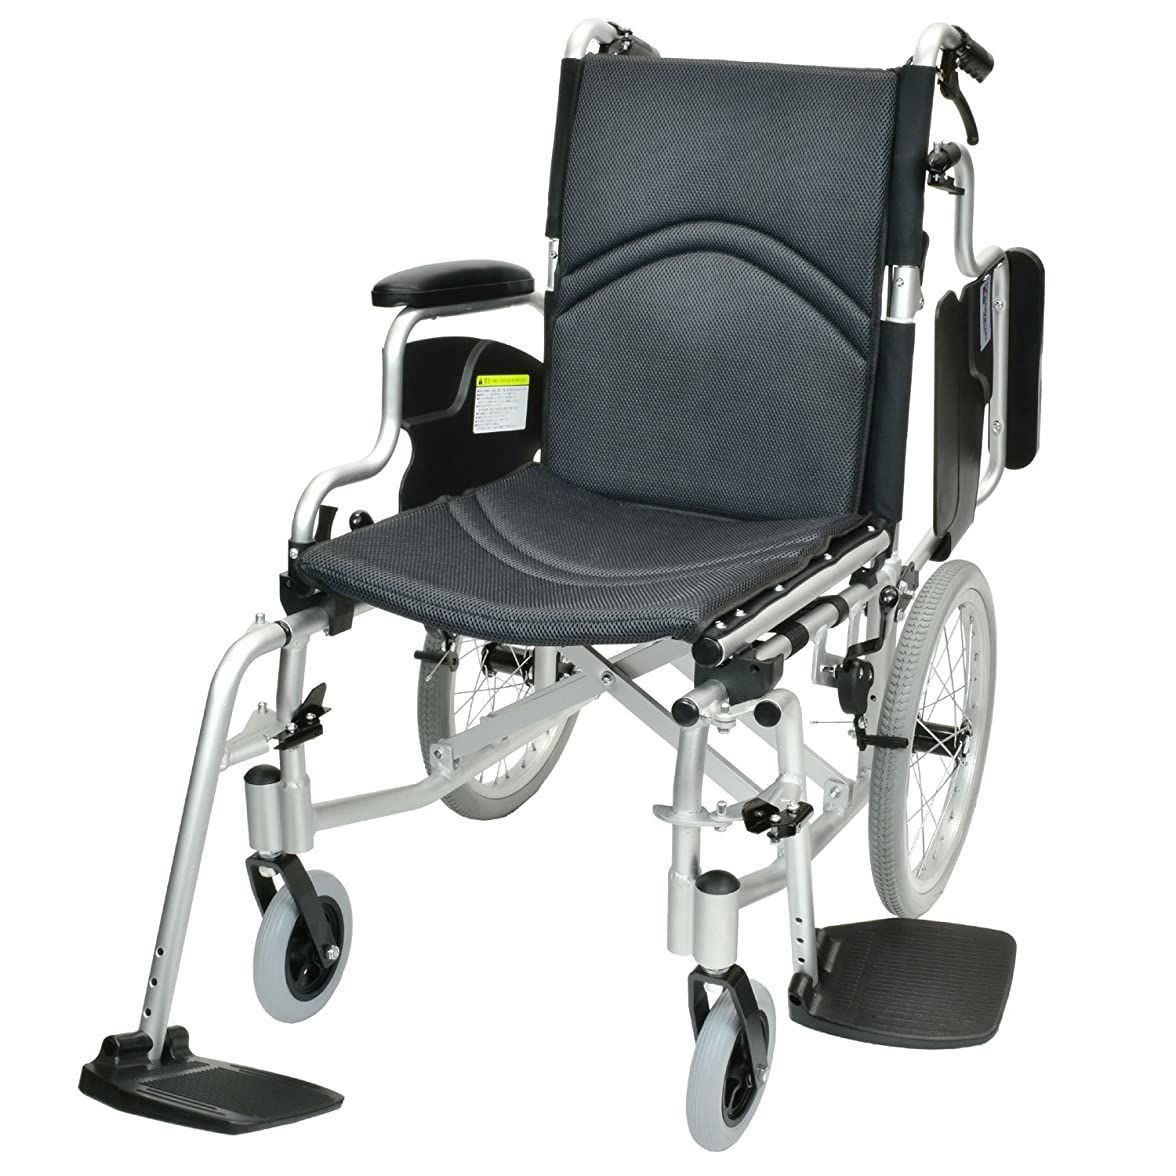 石鹸配管工類推ケアテックジャパン 介助式 アルミ製 車椅子 CAH-20SU コンフォート-介助式- (ダークグレー(メッシュ))